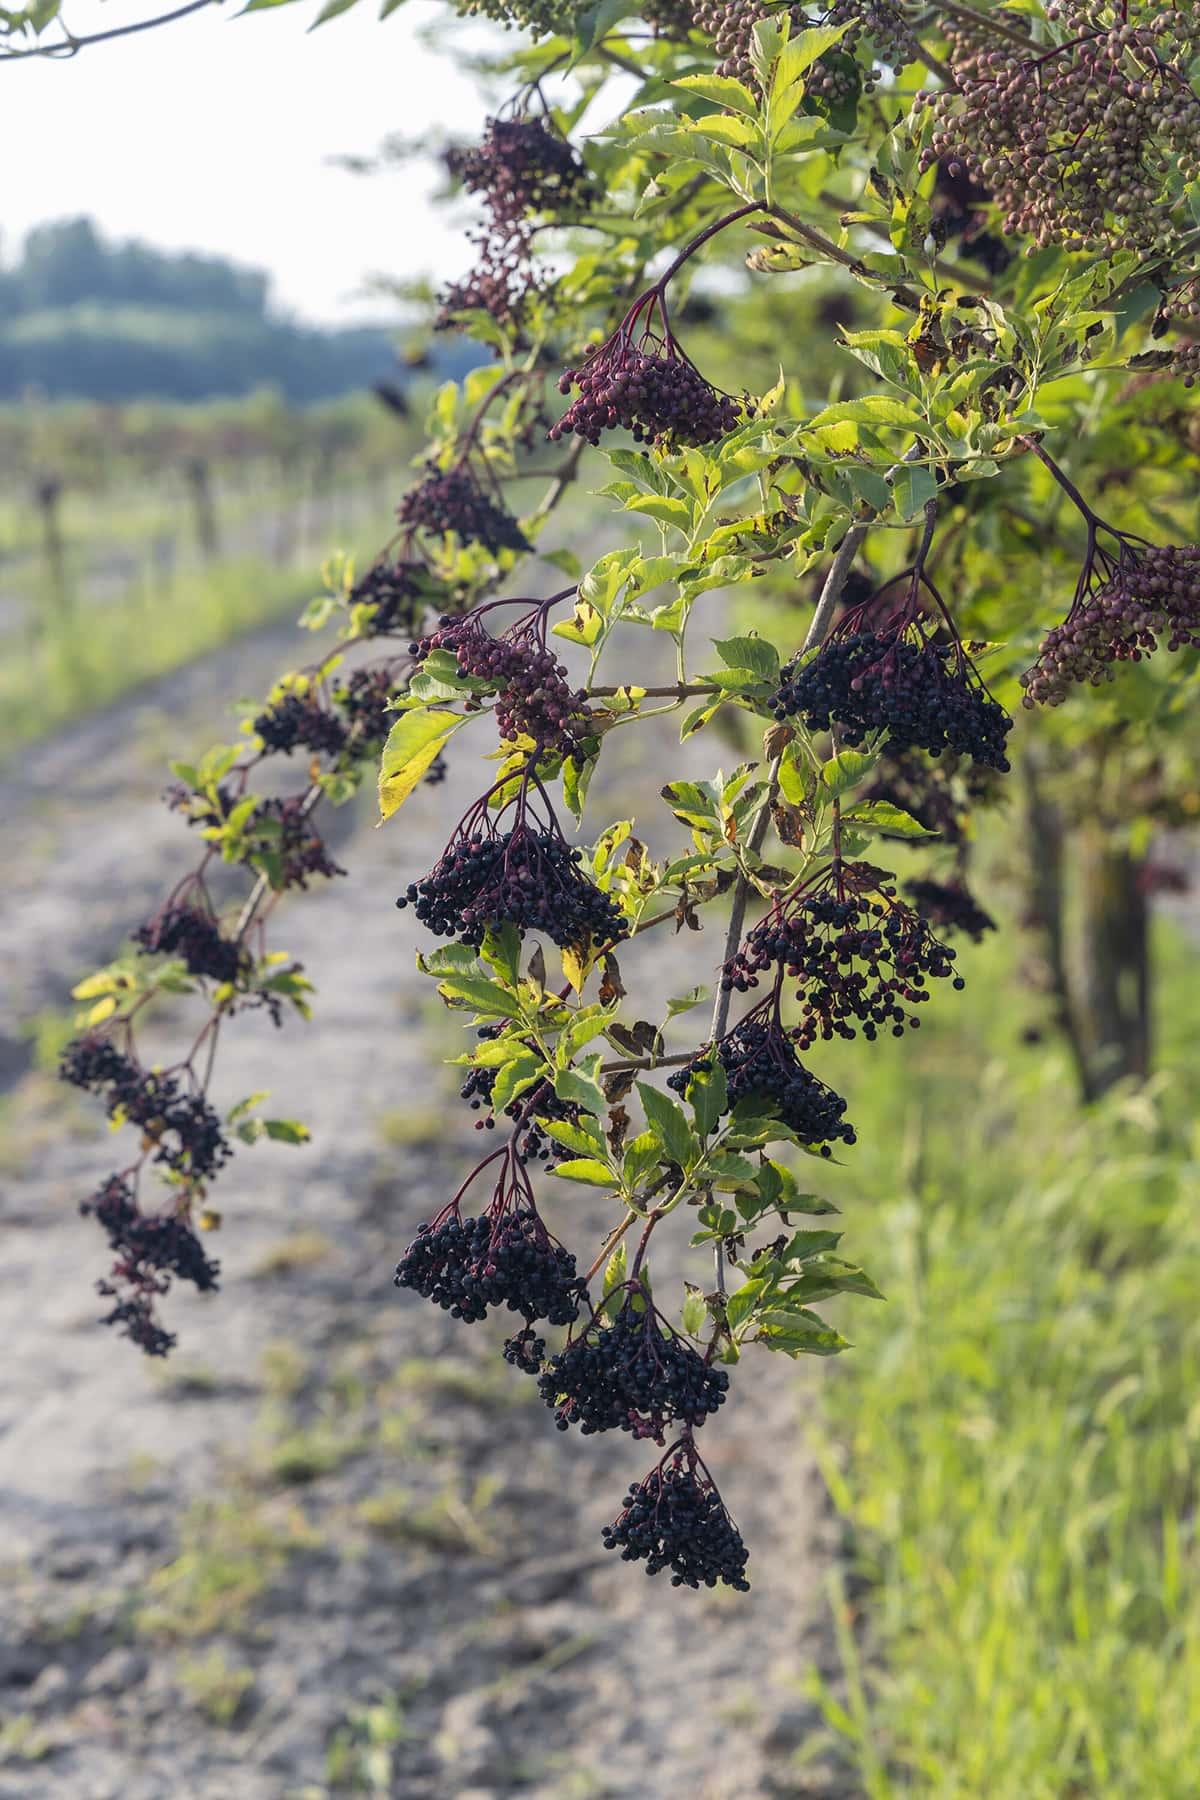 Sambucus Nigra shrub